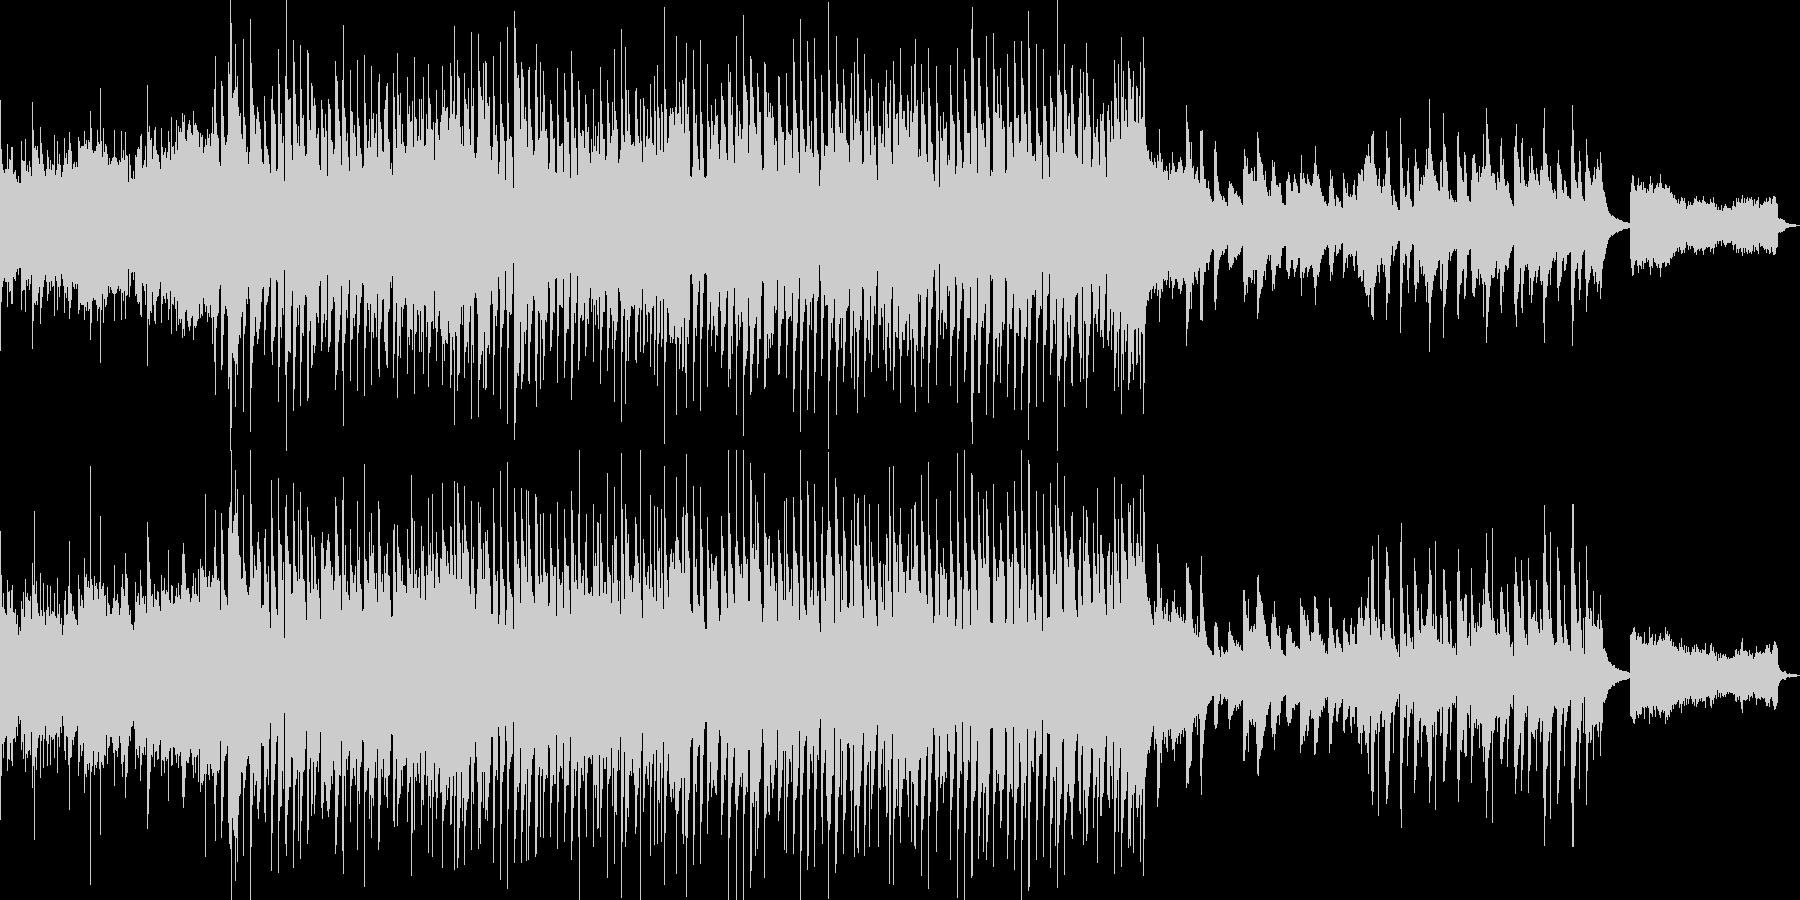 クラシックアレンジのウエディング曲の未再生の波形